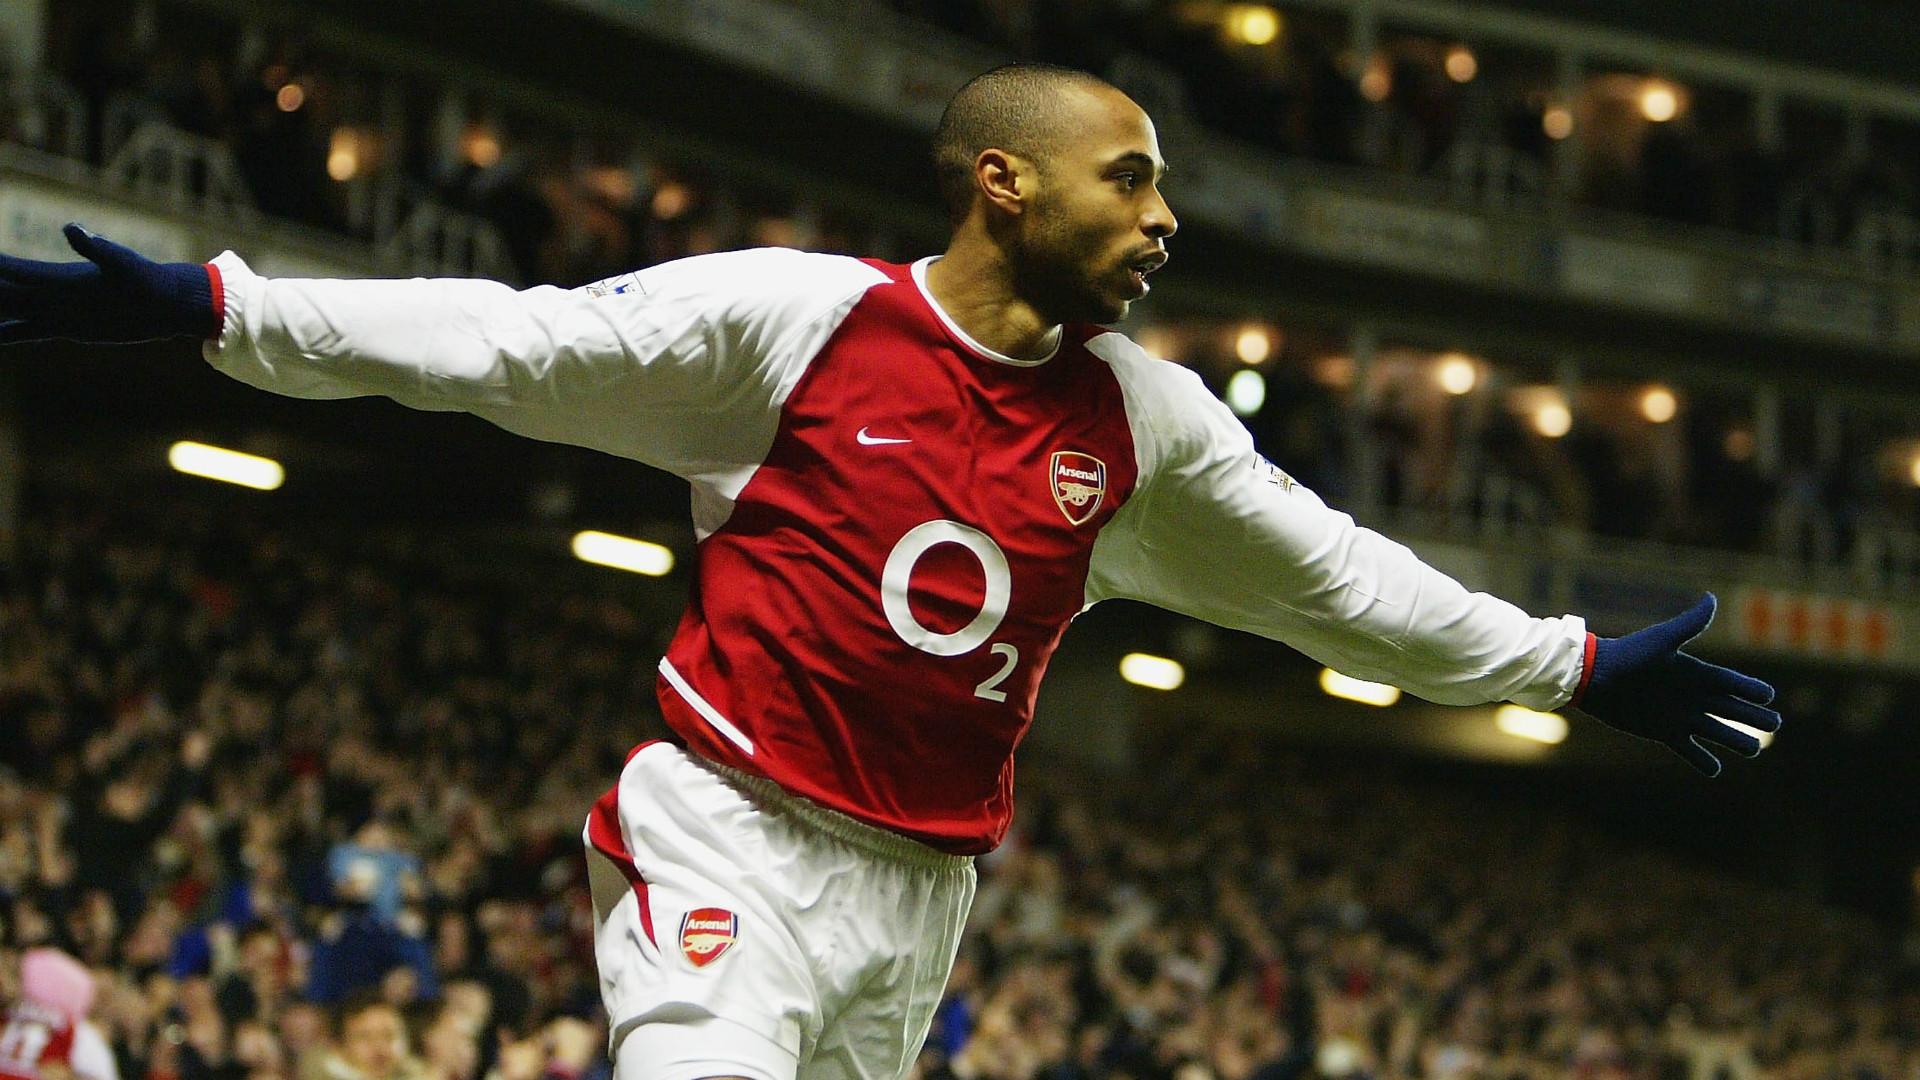 Henry tiết lộ bất ngờ về bàn thắng đáng nhớ nhất ở Arsenal - Bóng Đá